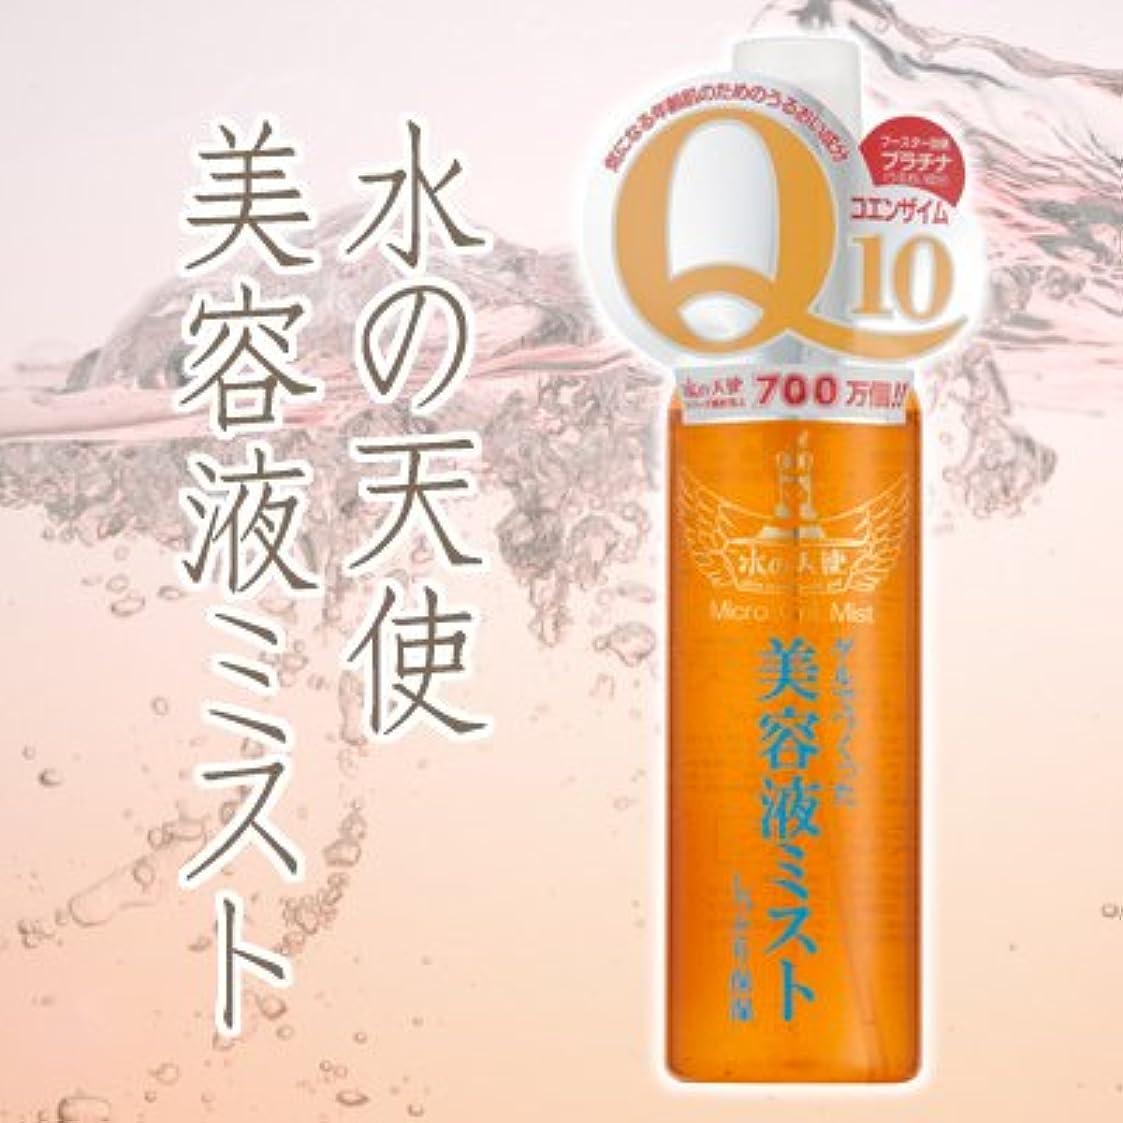 ラップ前投薬彼ら水の天使美容液ミスト 120ml 3個セット ※あの「水の天使」シリーズから美容液ミストが新登場!